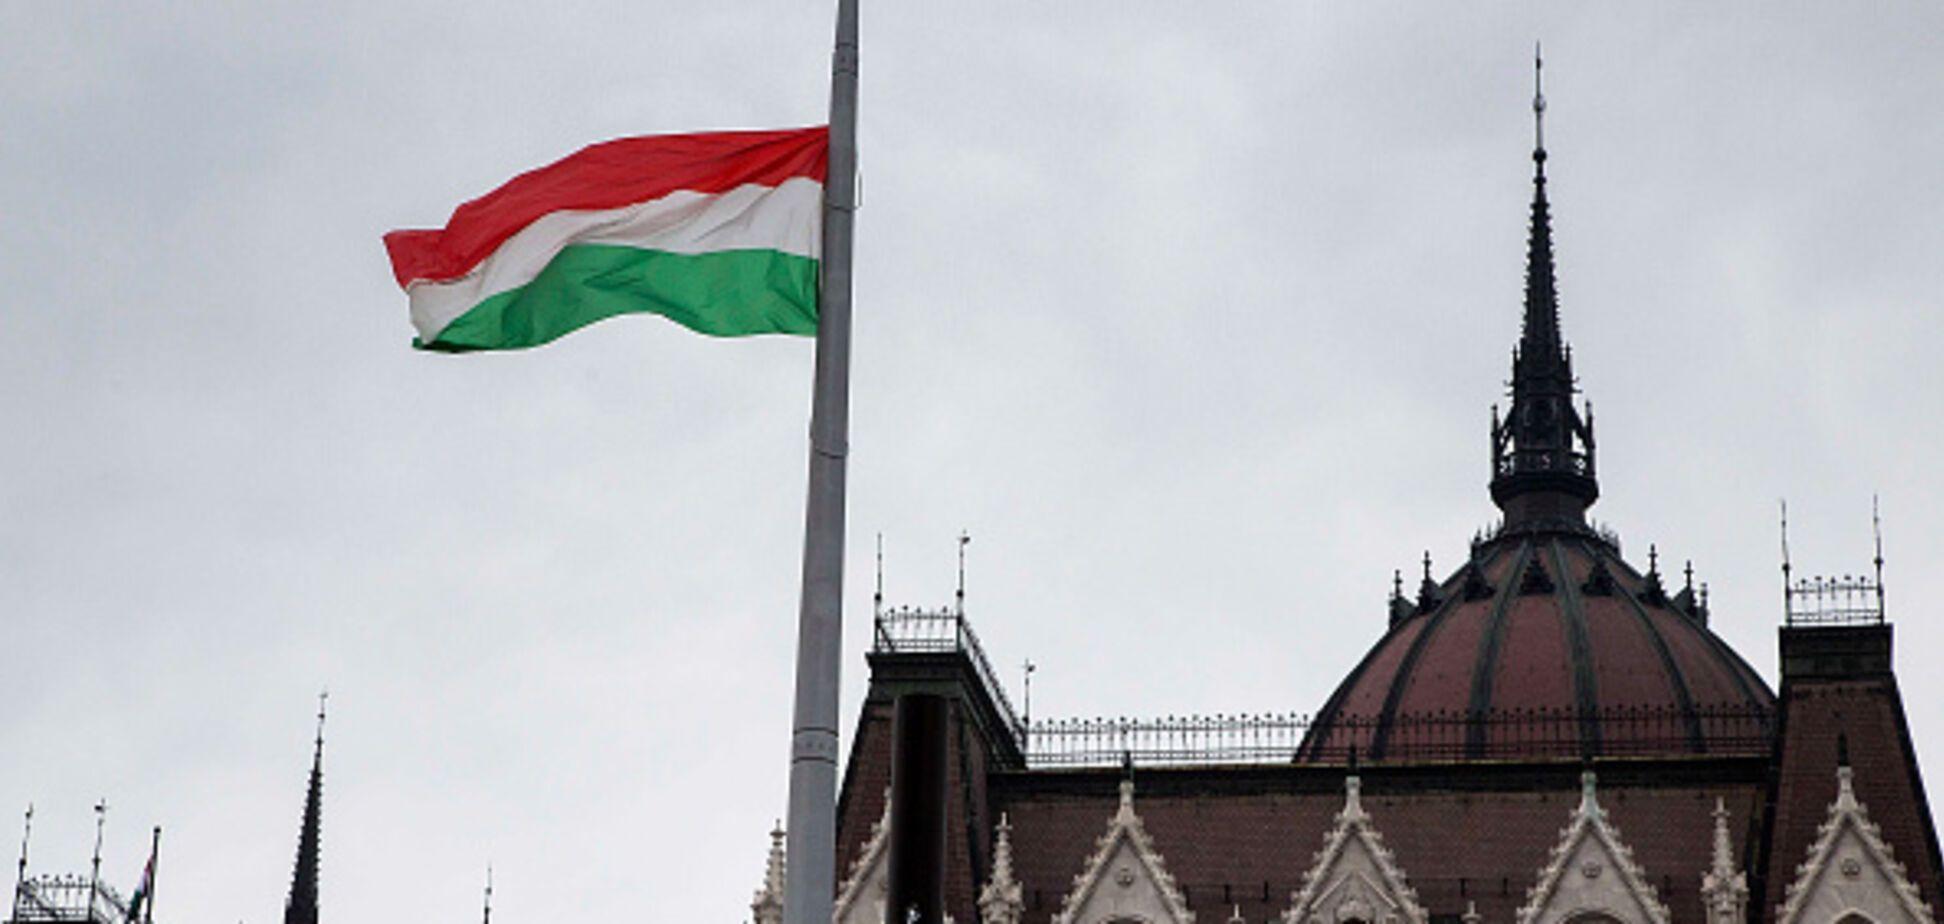 Угроза для статуса-кво: ученый пояснил, почему Венгрия 'набросилась' на Украину